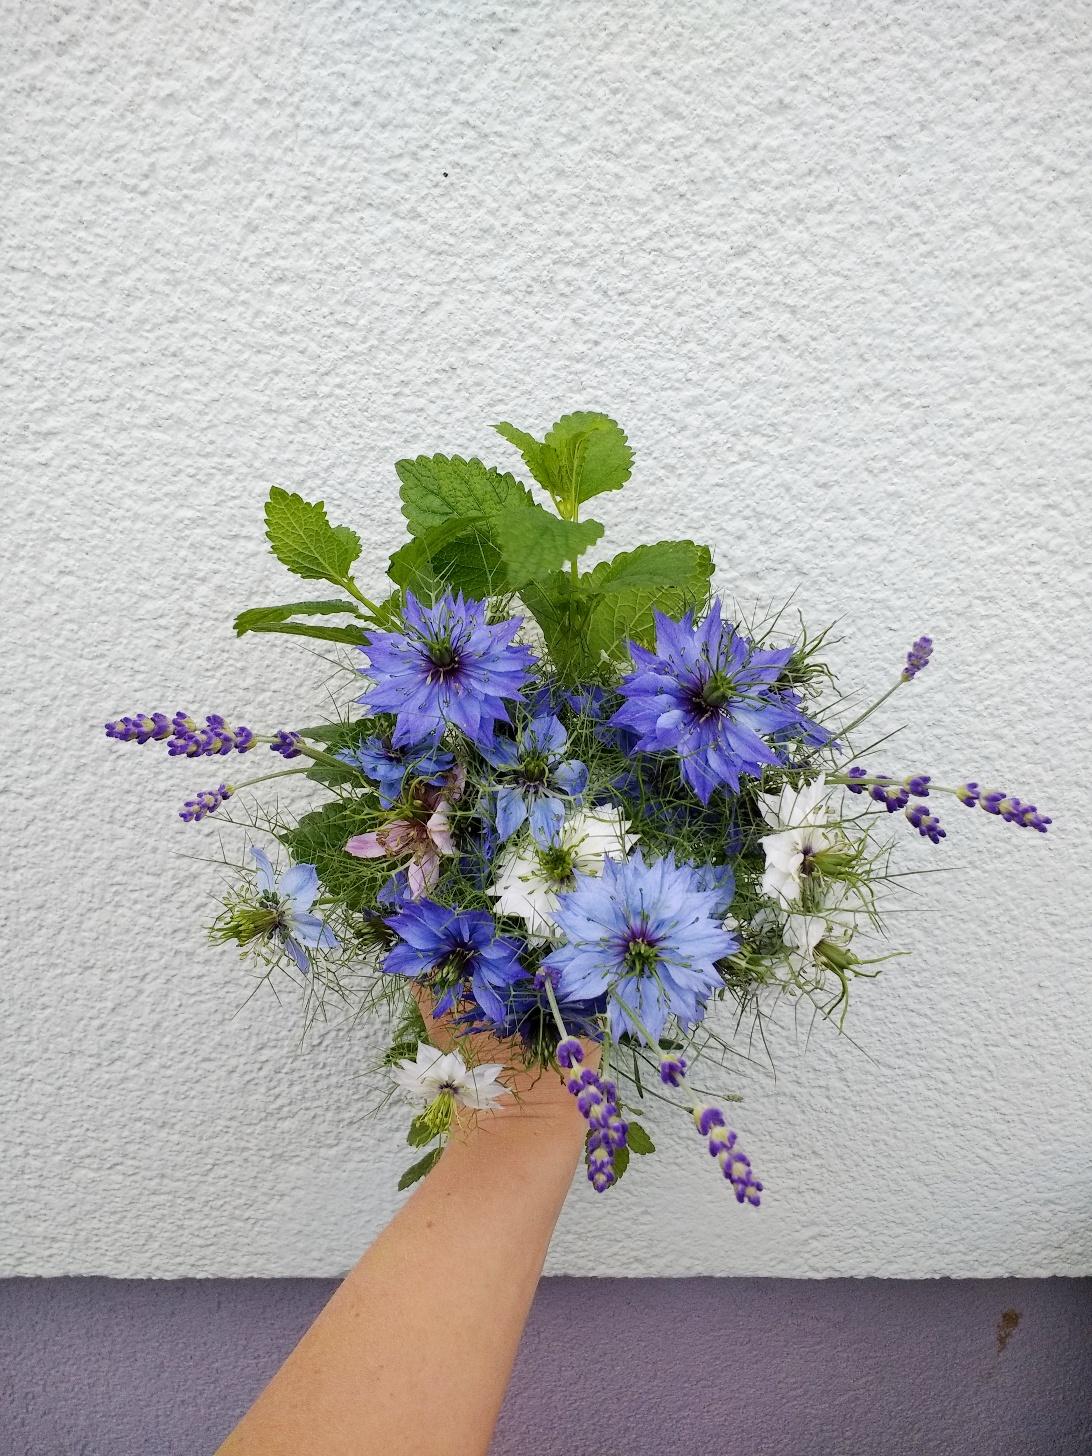 Blumenstrauß mit blauen Blumen: Jungfer im Grünen wächst im wilden Bauerngarten fröhlich und robust vor sich hin